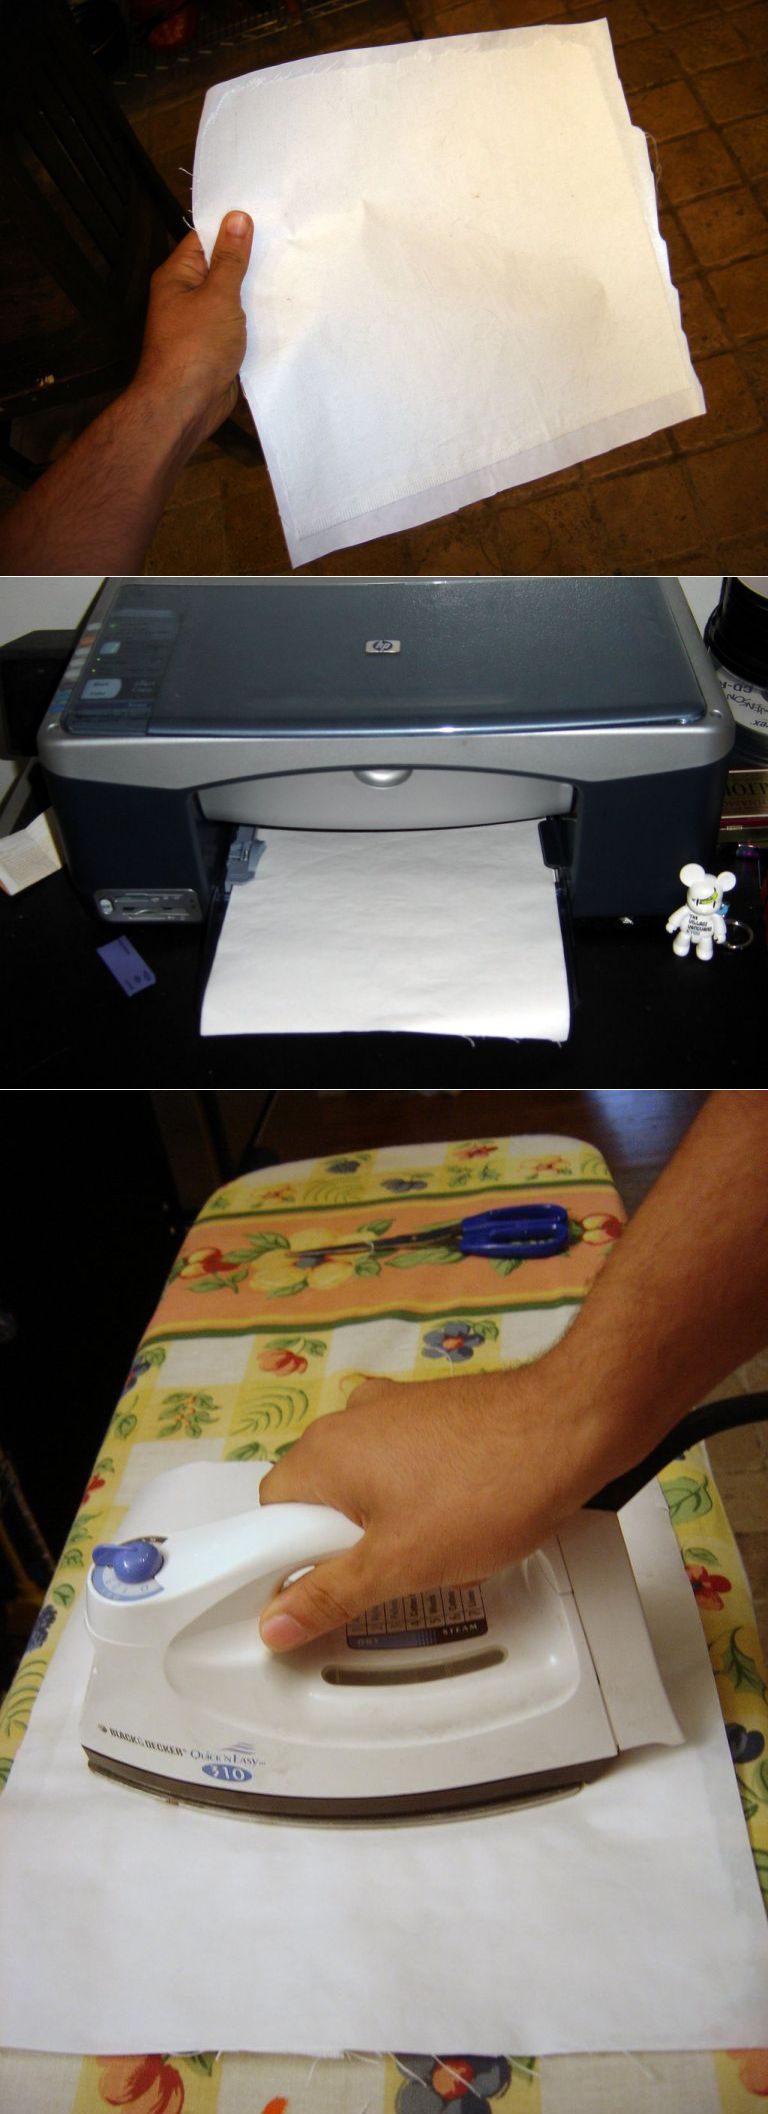 актрисы как перевести картинки струйного принтера на ткань оснащается